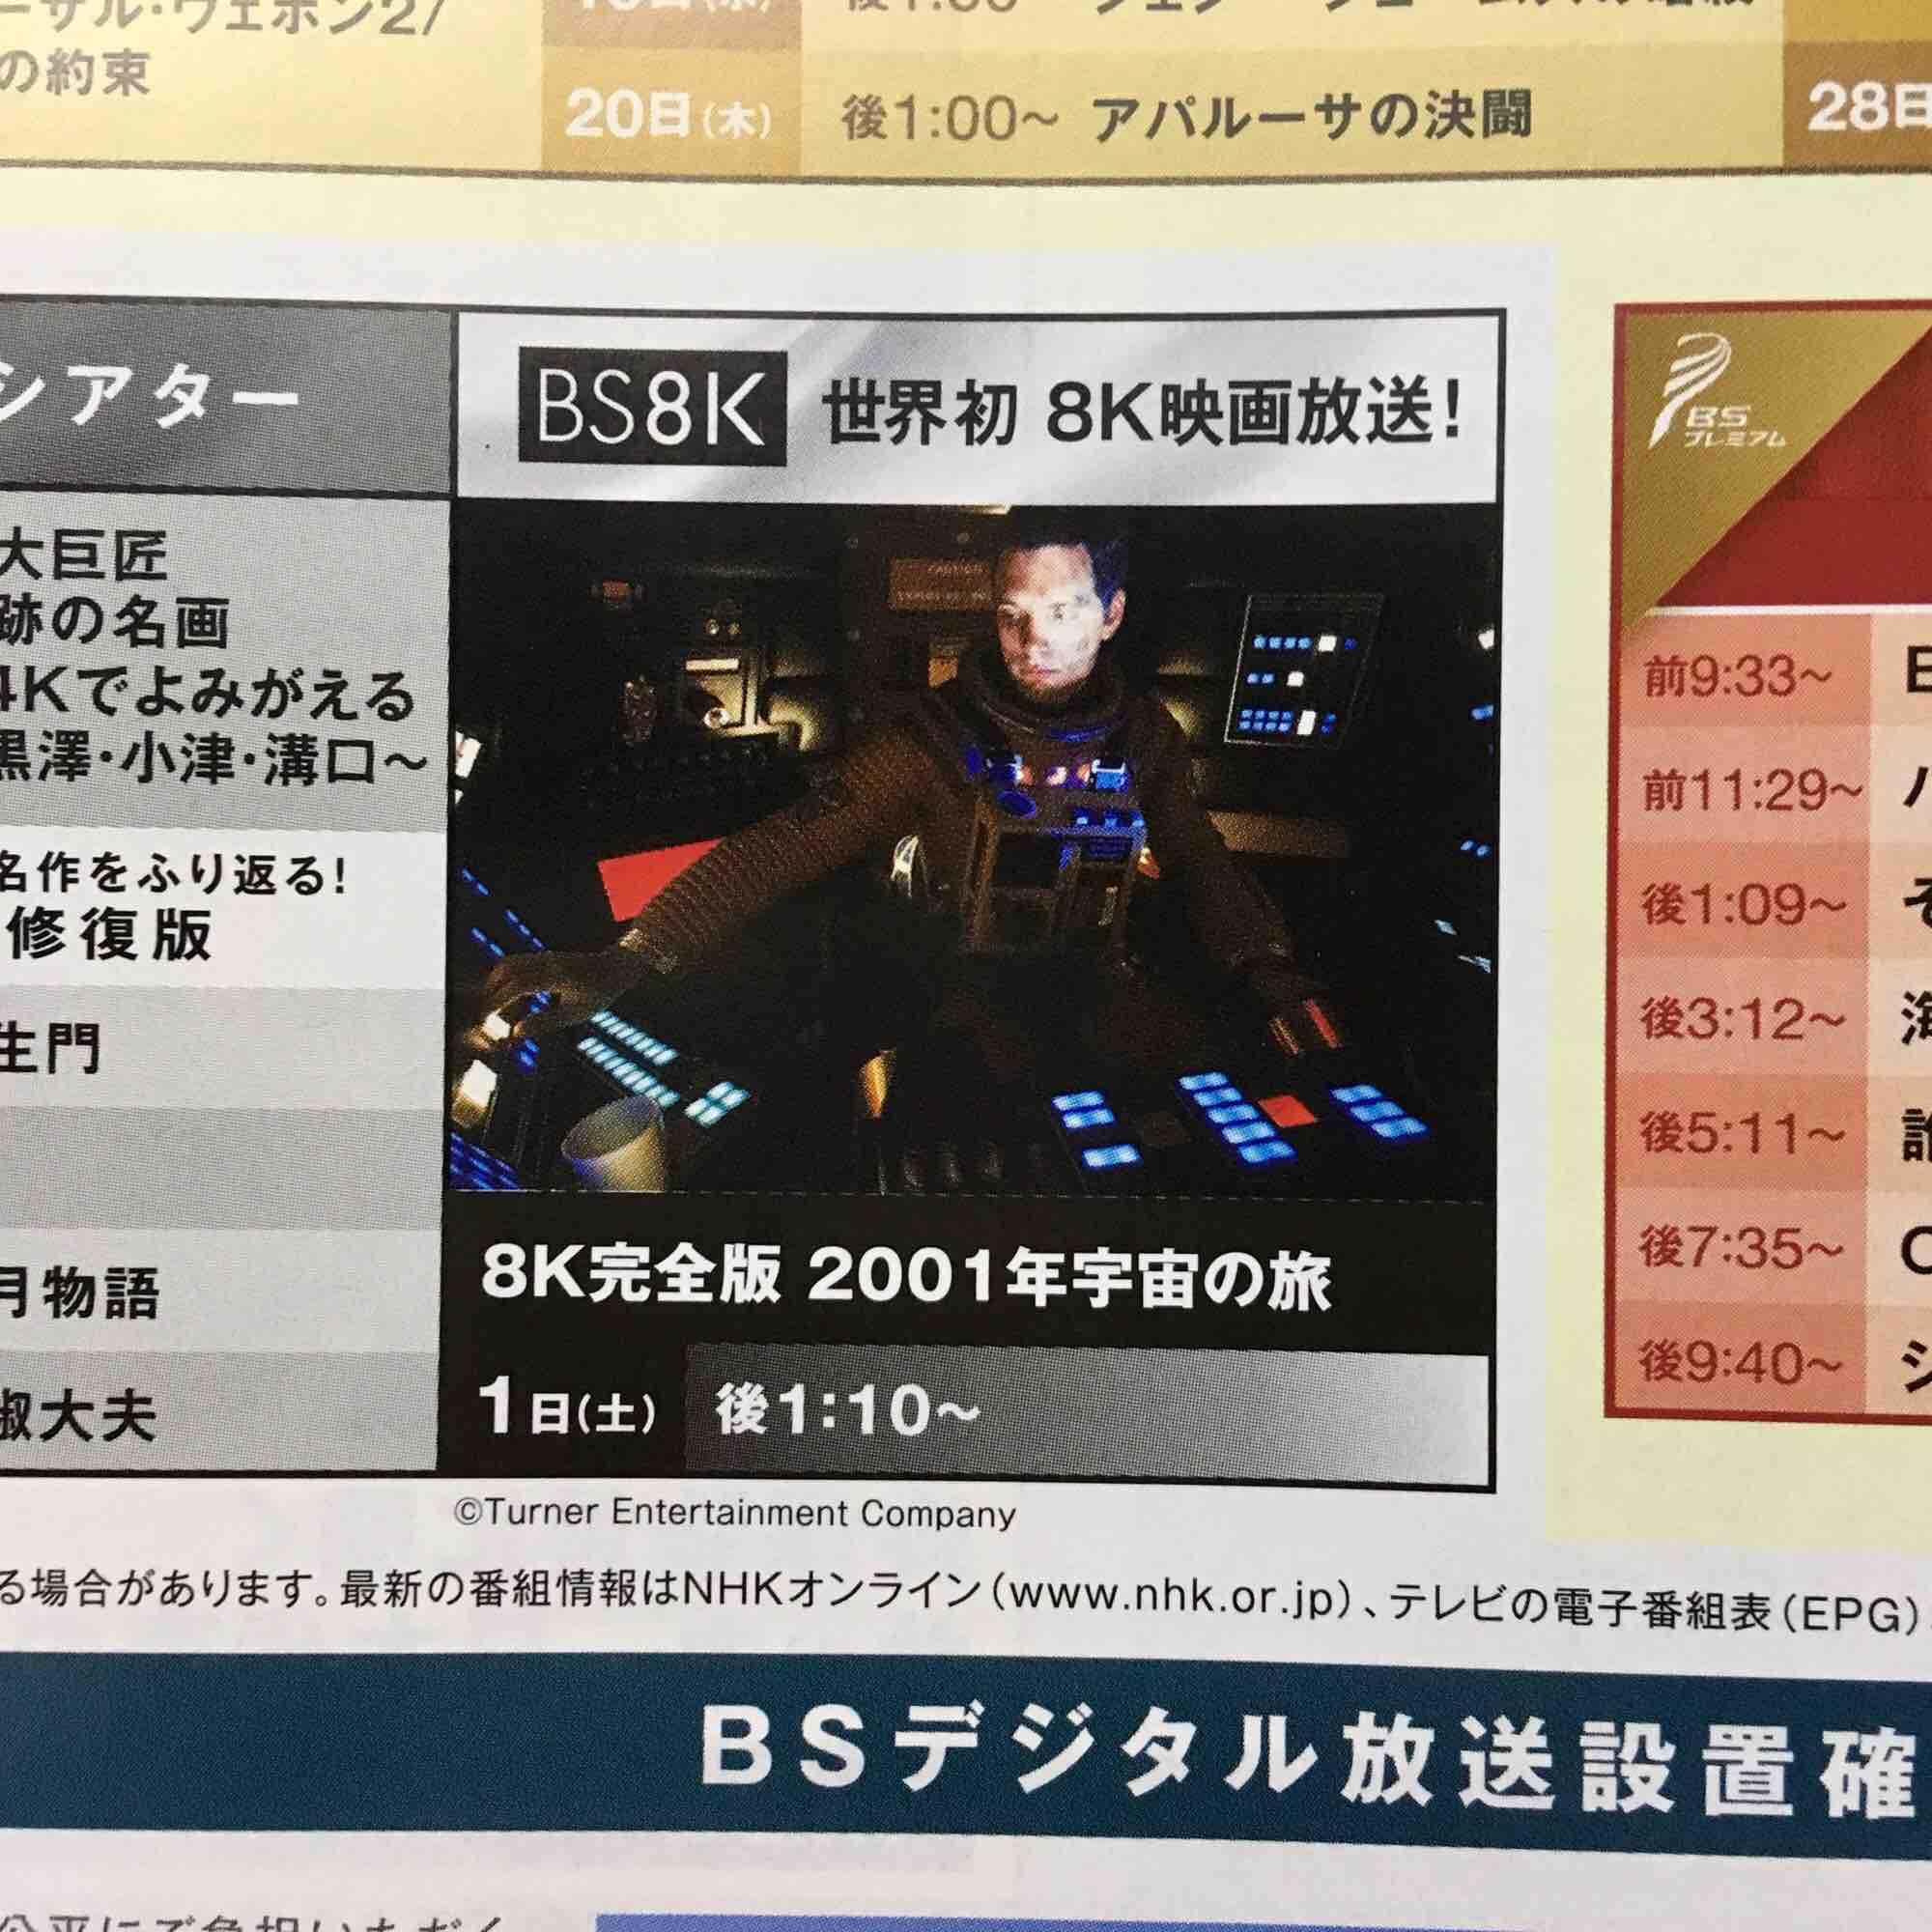 「2001年宇宙の旅」8Kデジタルリマスター版はあす世界初公開